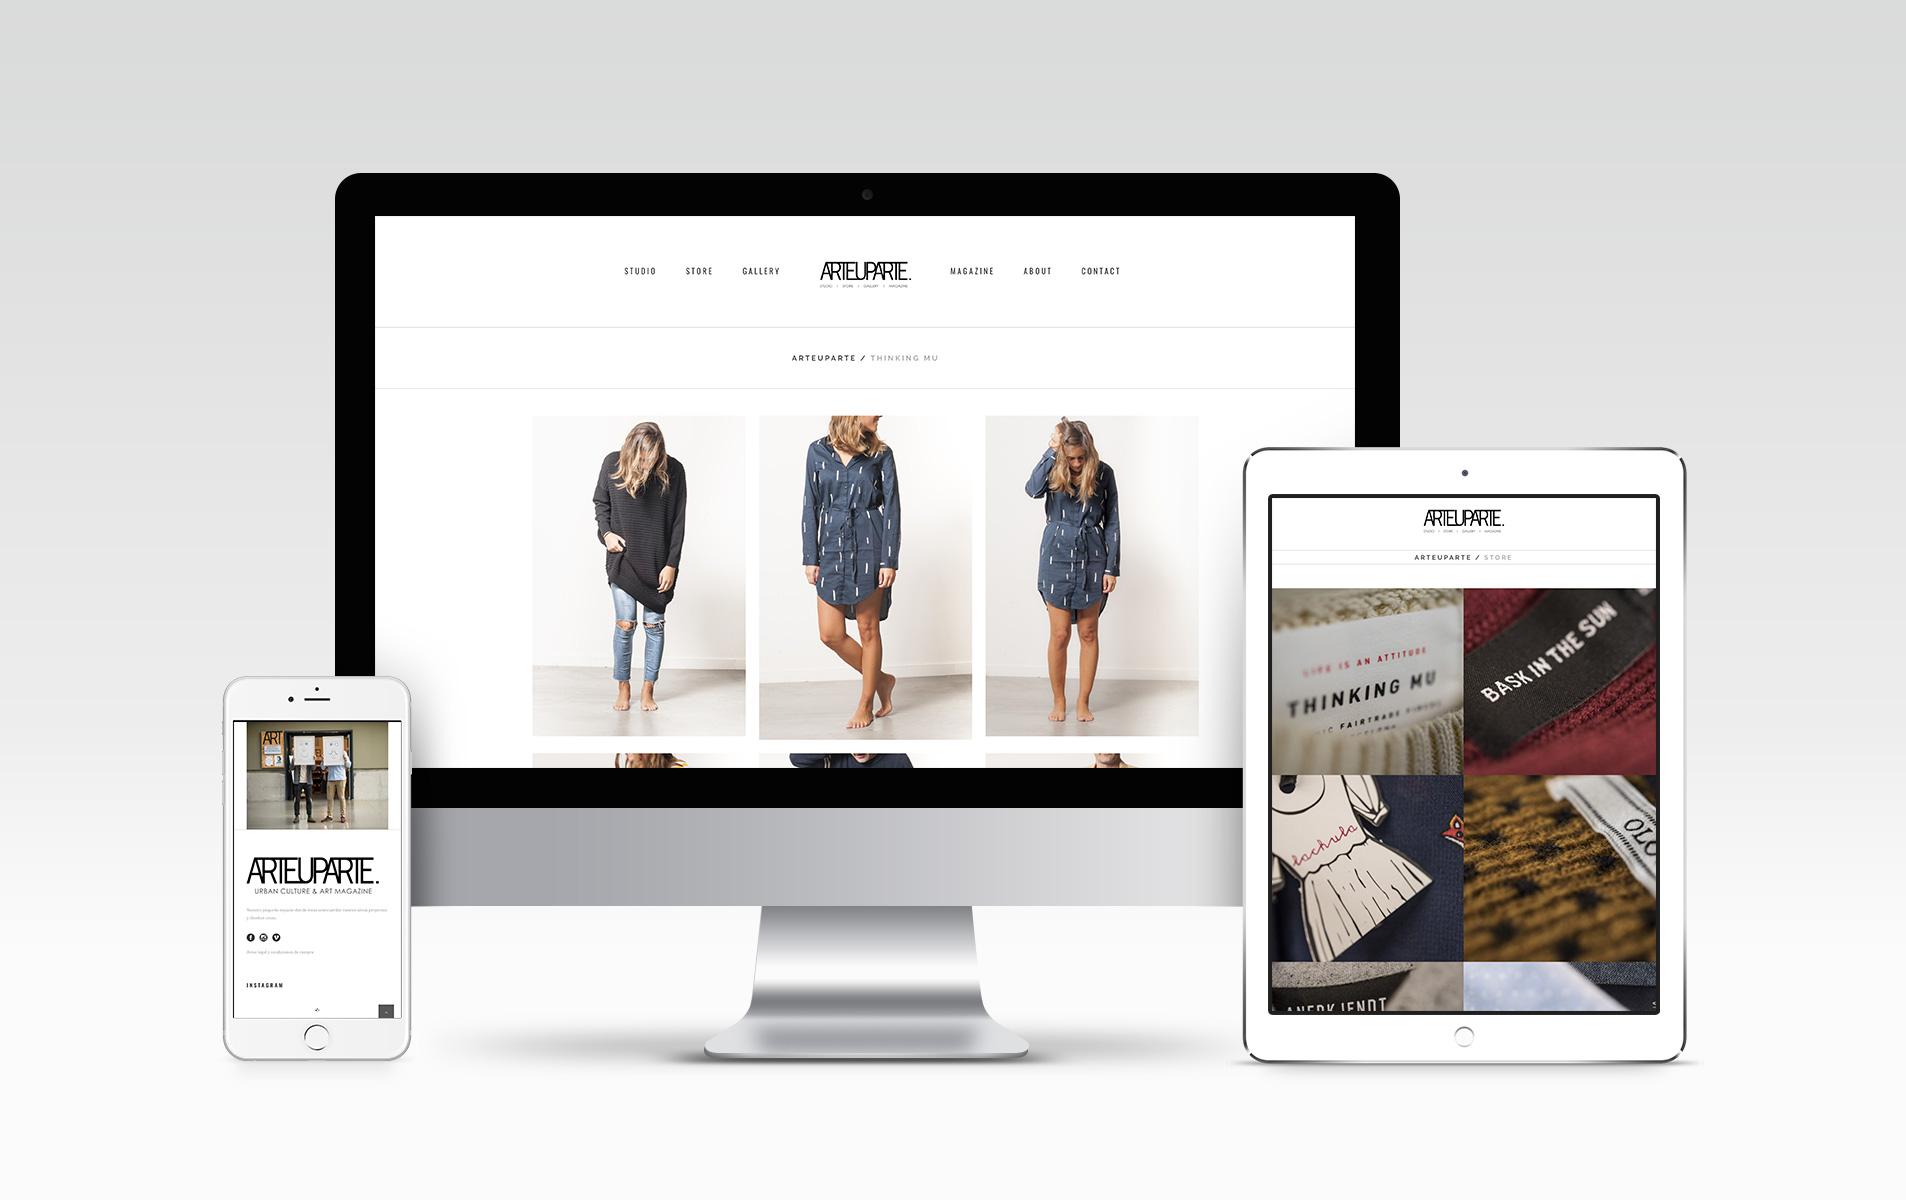 Diseño y desarrollo web Arteuparte